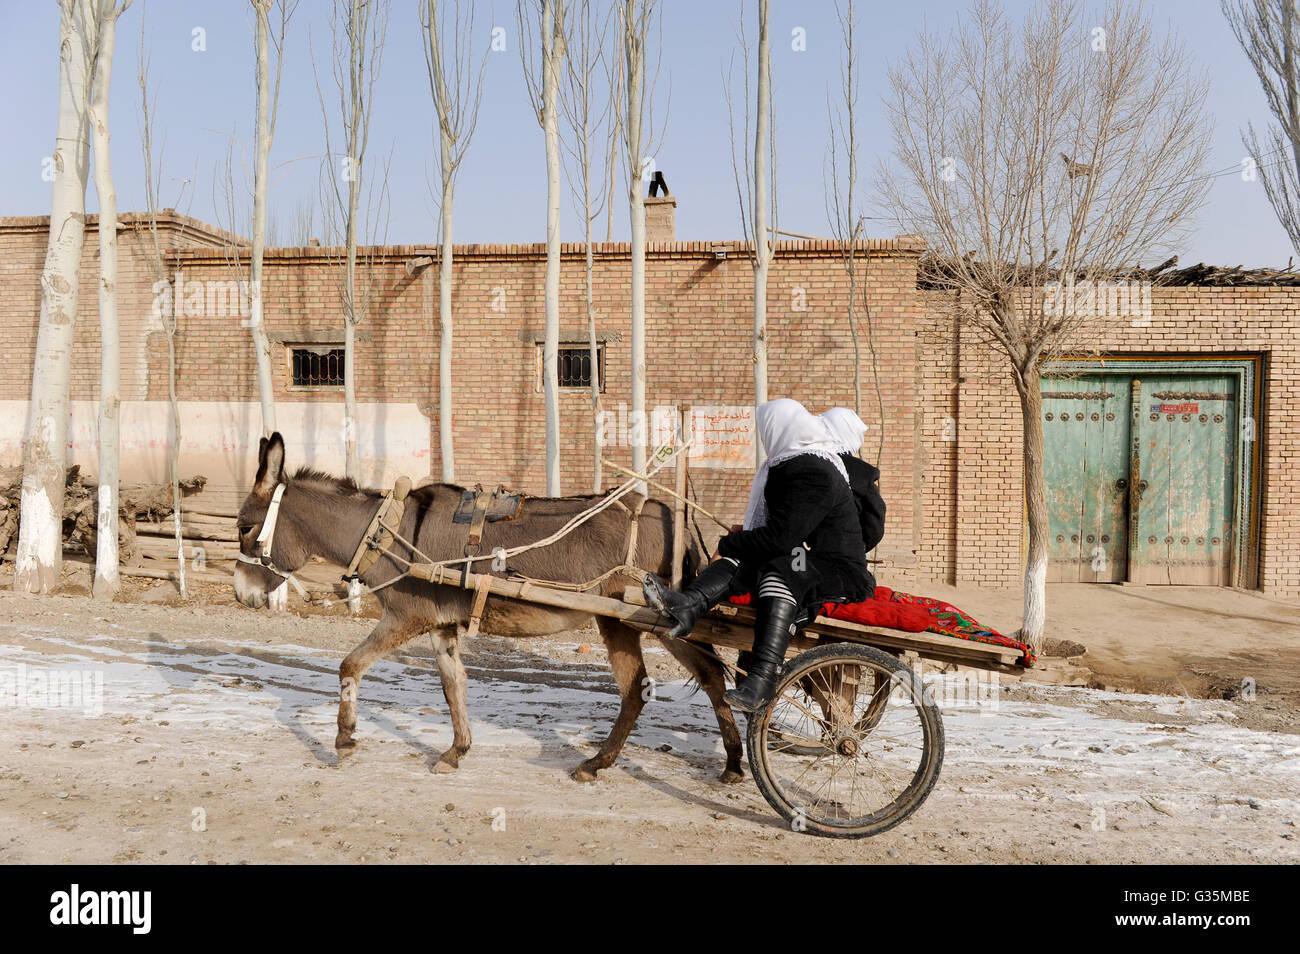 CHINA province Xinjiang, uighur town Opal near Kashgar / CHINA Provinz Xinjiang, uigurische Stadt Opal bei Kashgar, - Stock Image